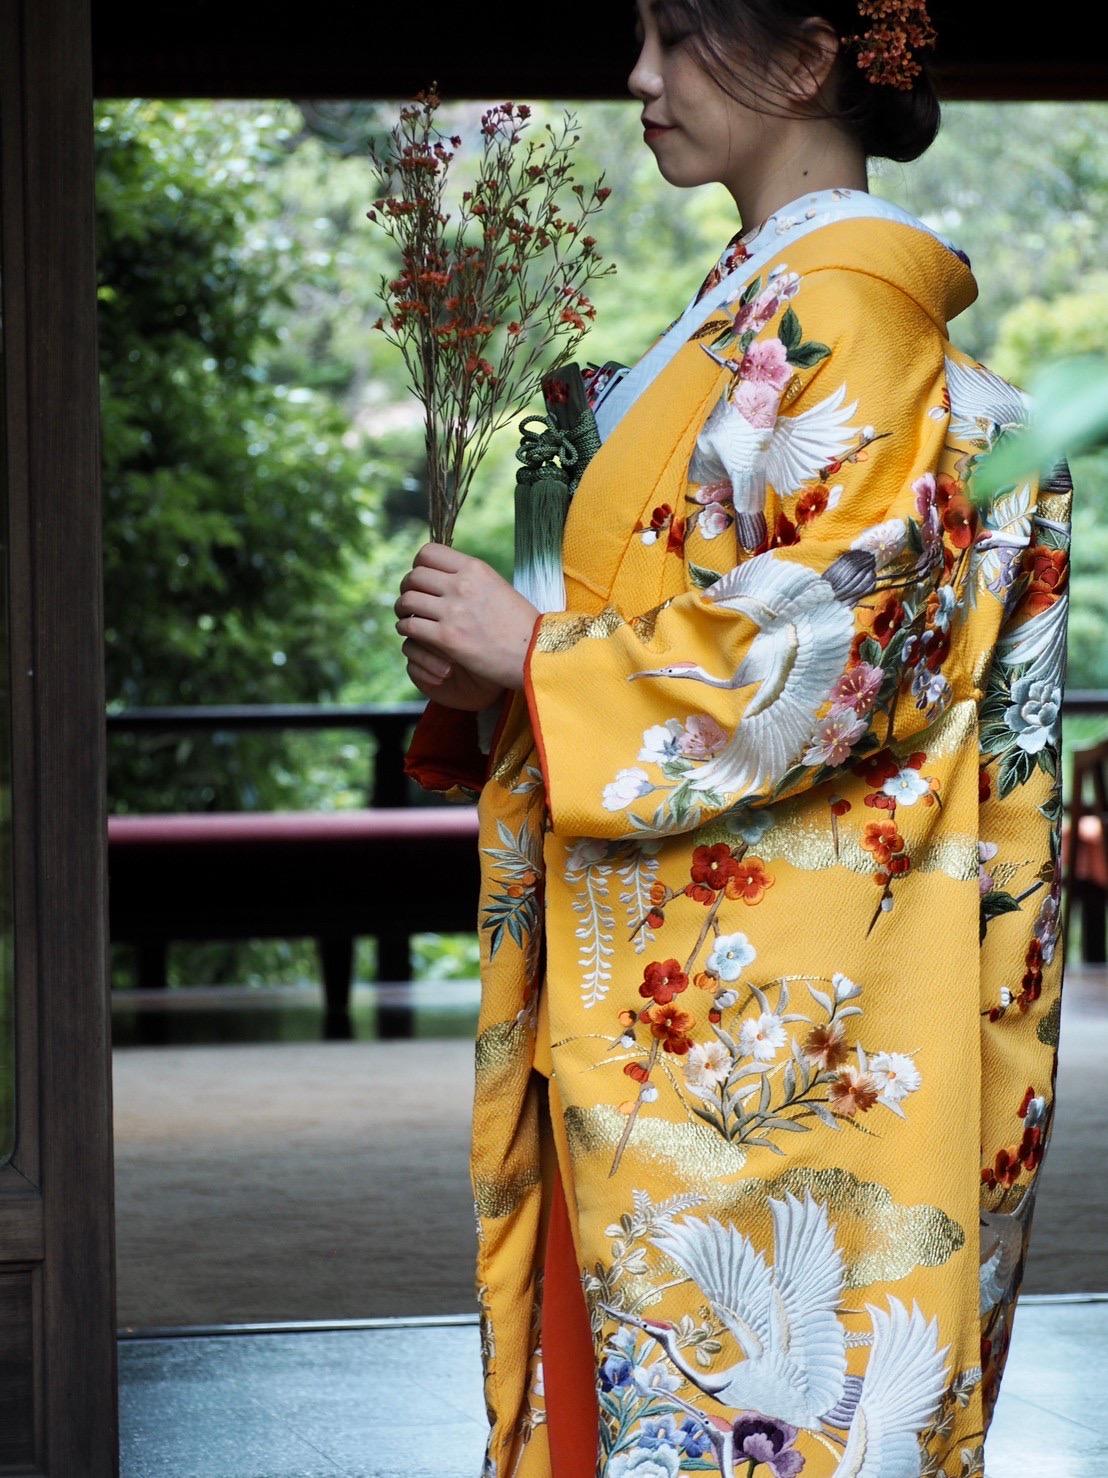 ザ・トリートドレッシング神戸店が提携している蘇州園に映える黄色の色打掛のご紹介